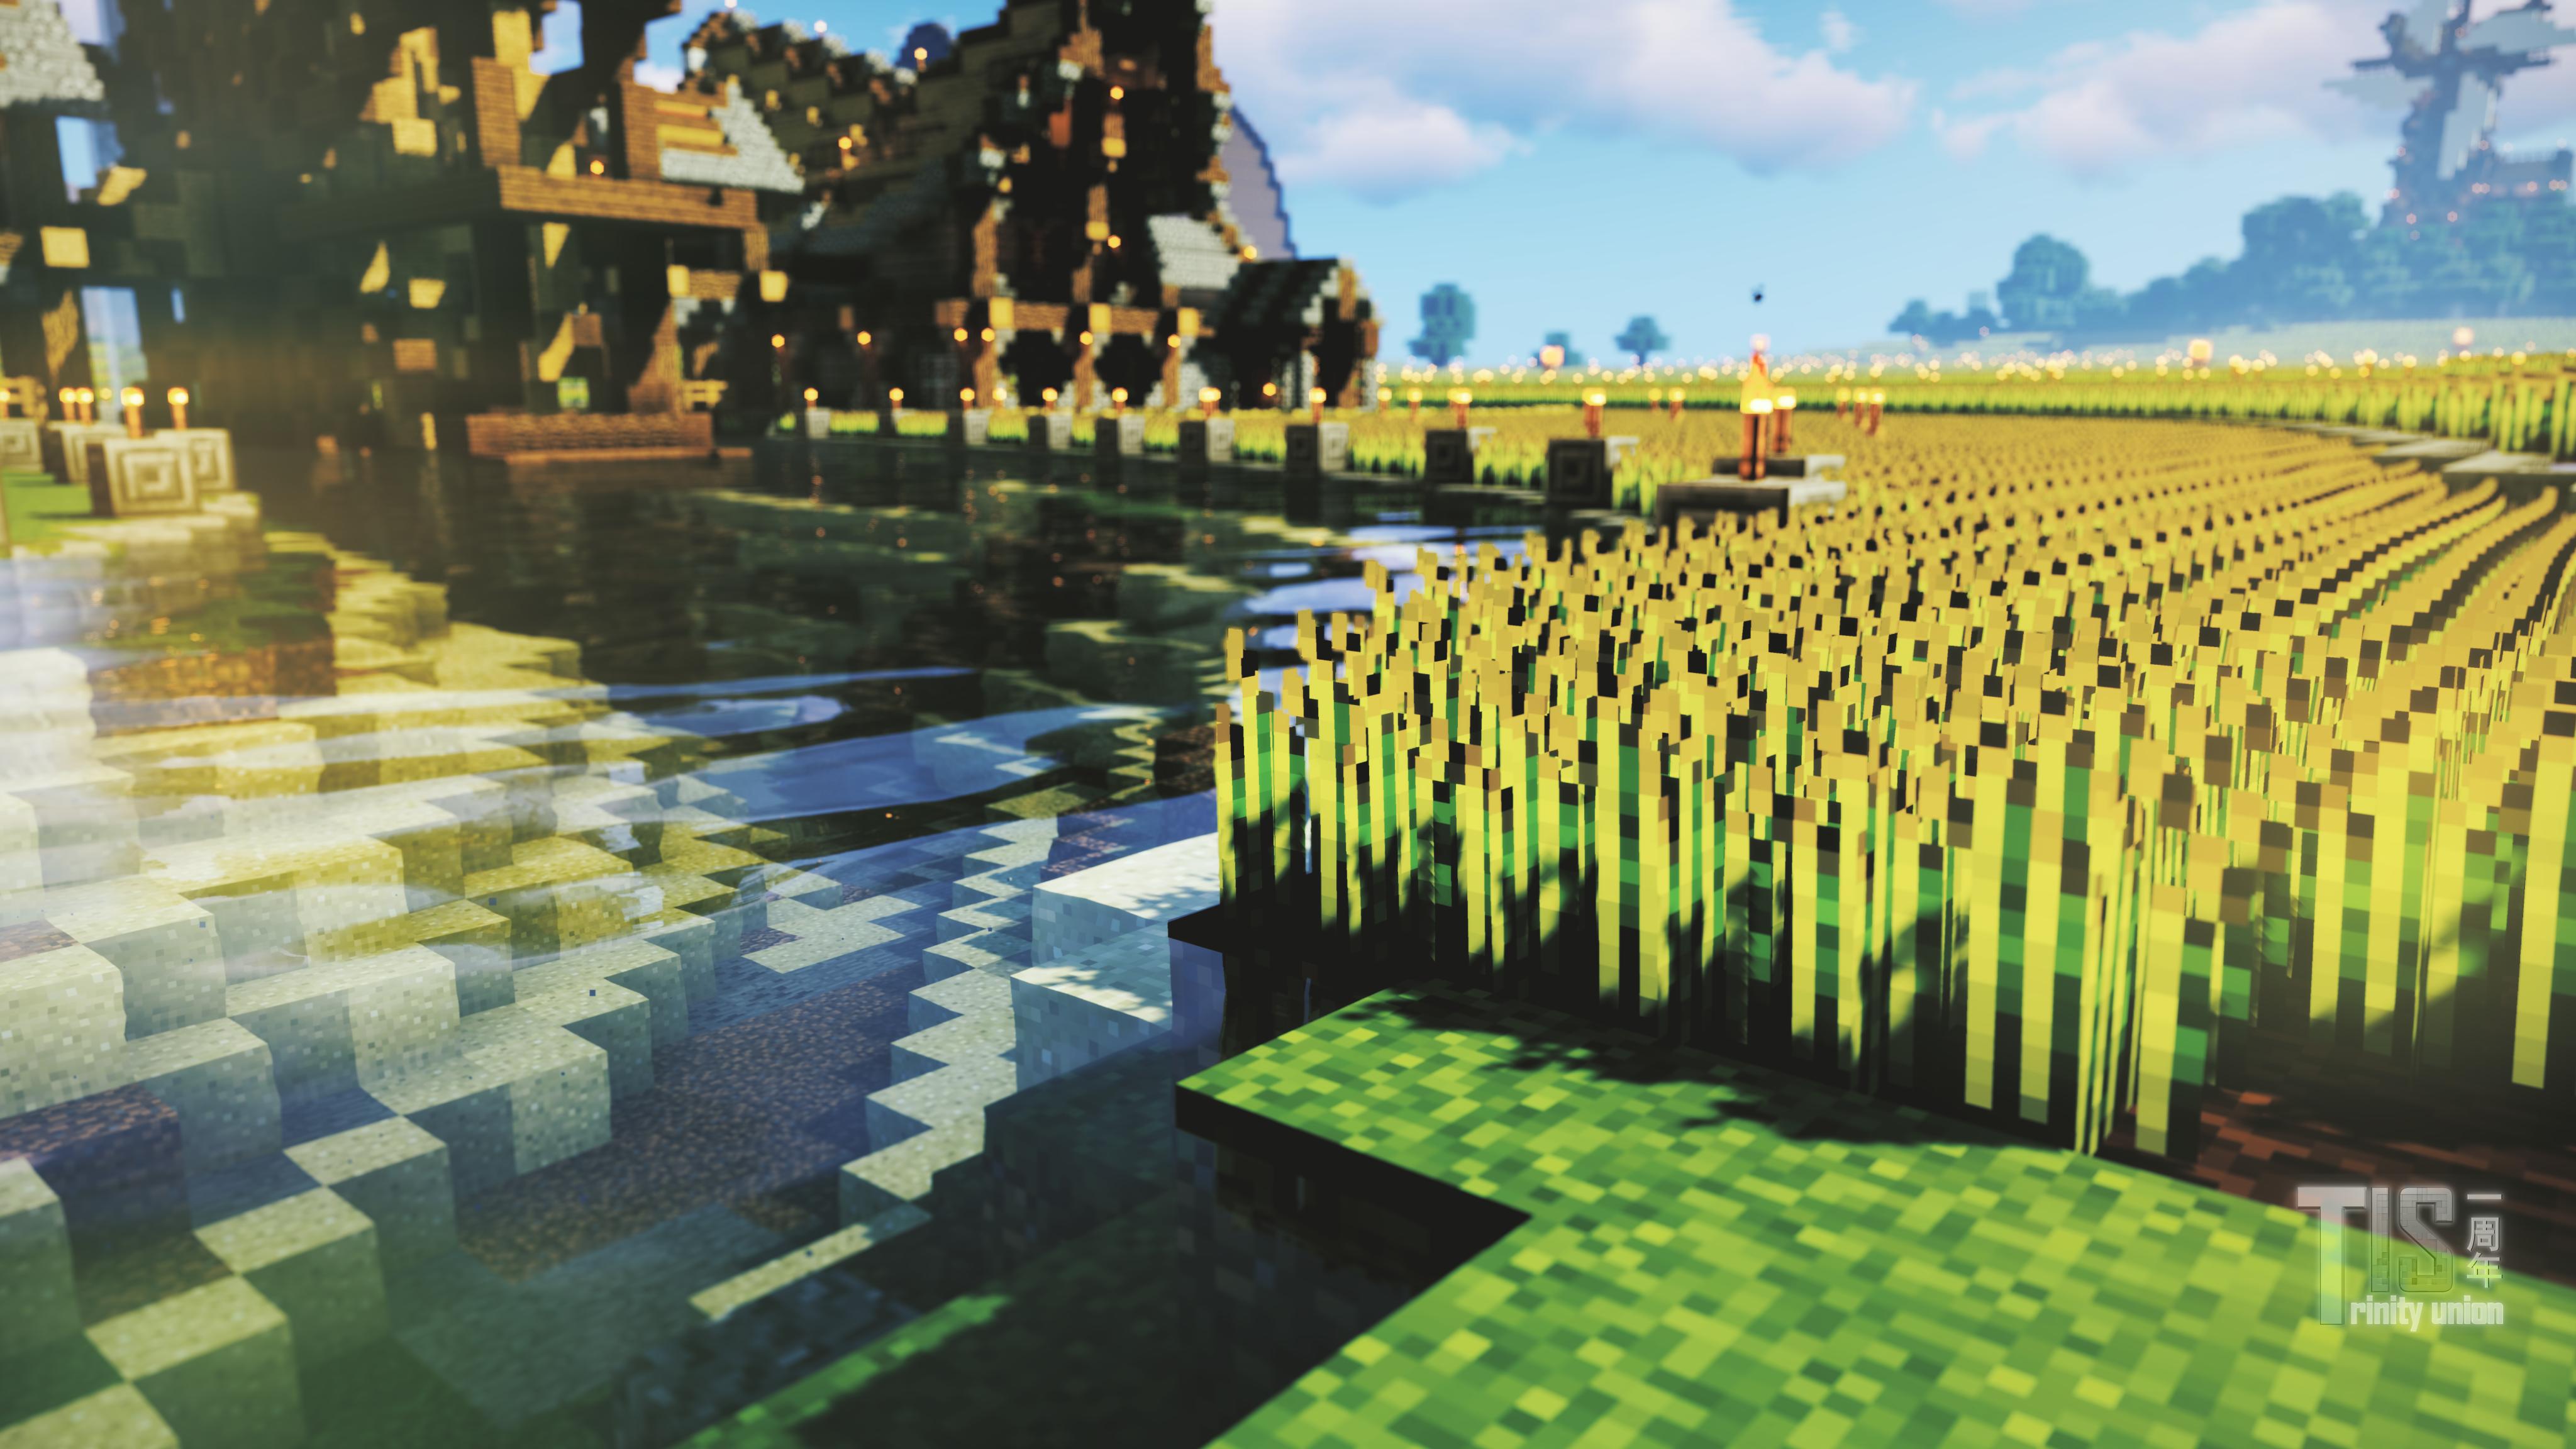 绿野镇观赏农田